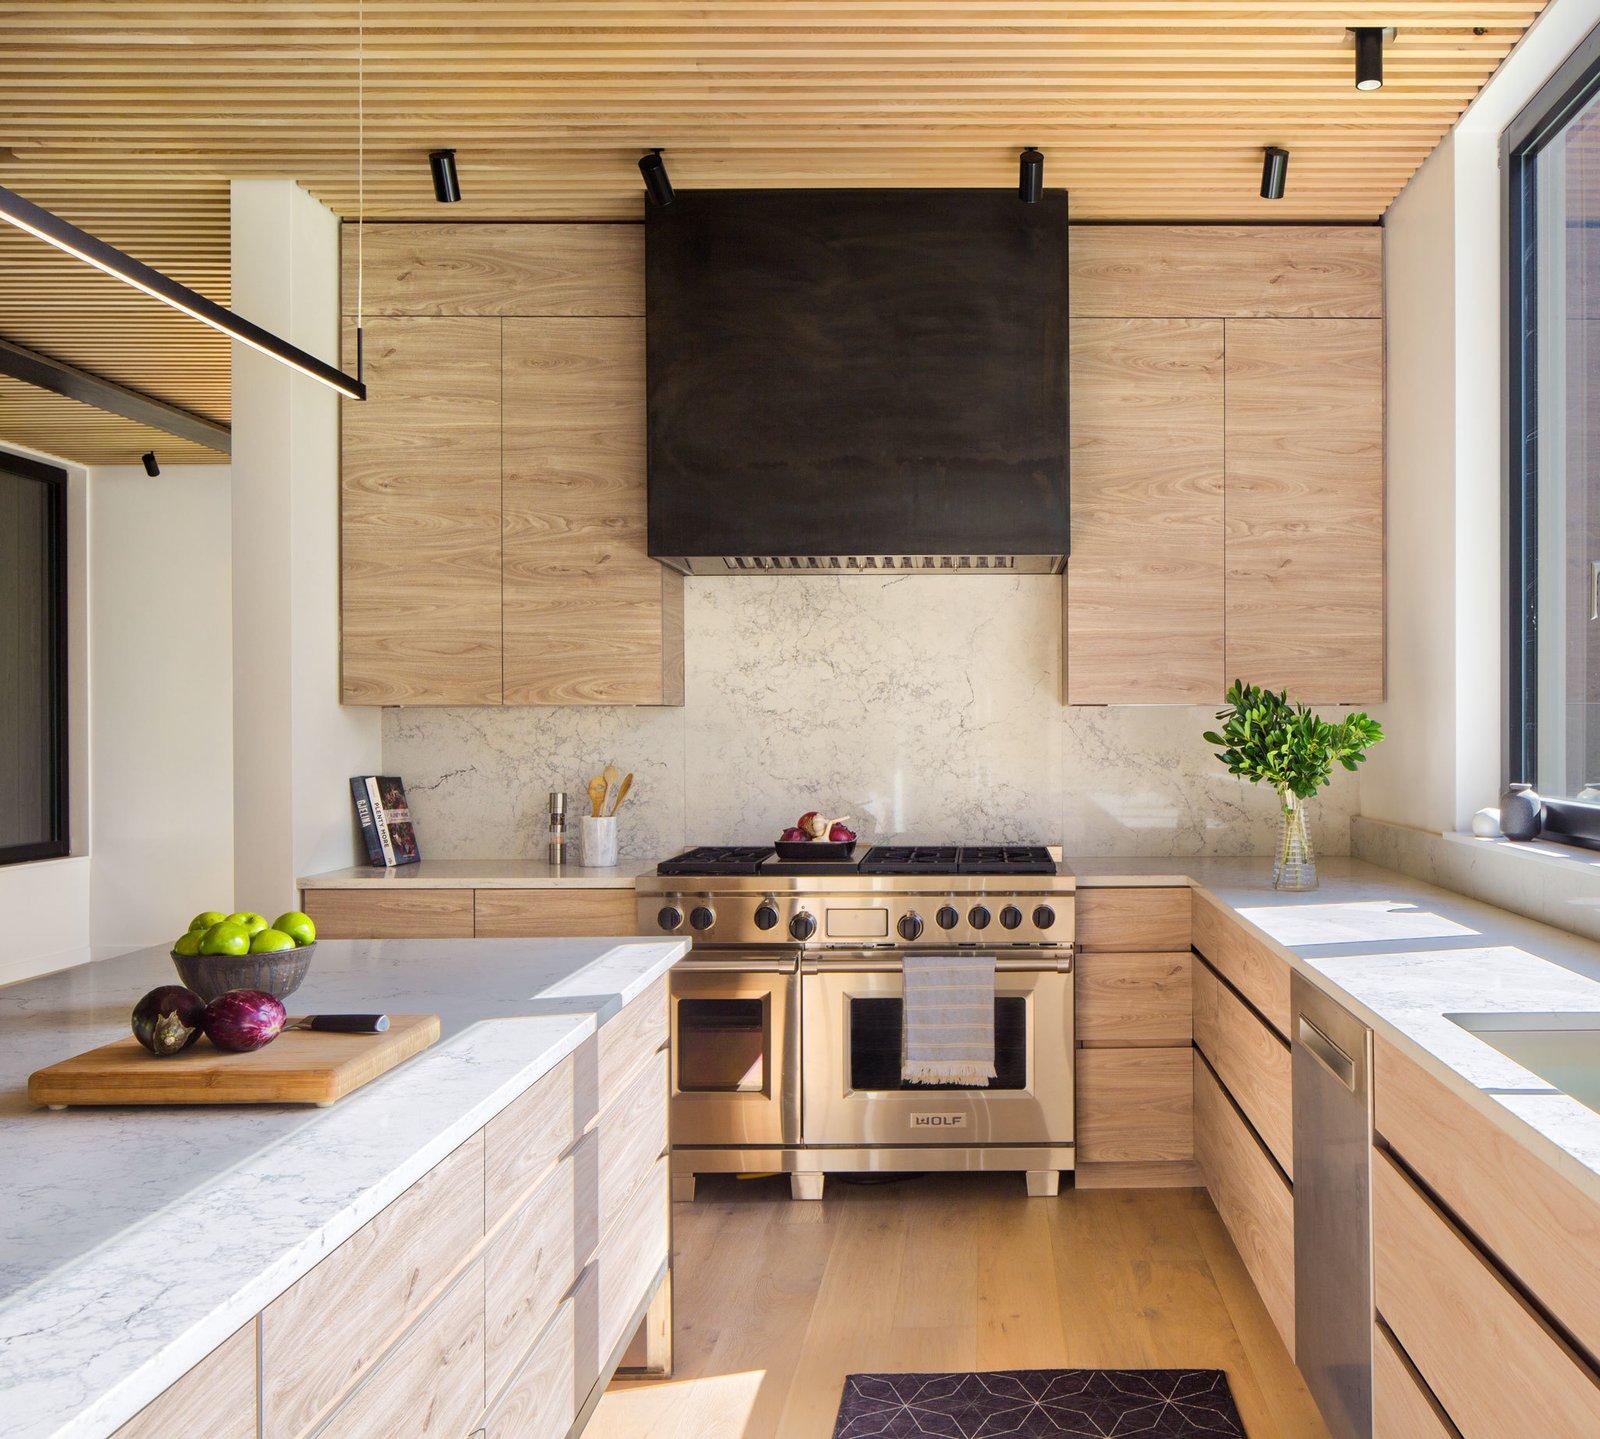 Kitchen, Quartzite Counter, Undermount Sink, Range Hood, Track Lighting, Wood Cabinet, Medium Hardwood Floor, Light Hardwood Floor, and Range  Elemental House by Elizabeth Herrmann Architecture + Design